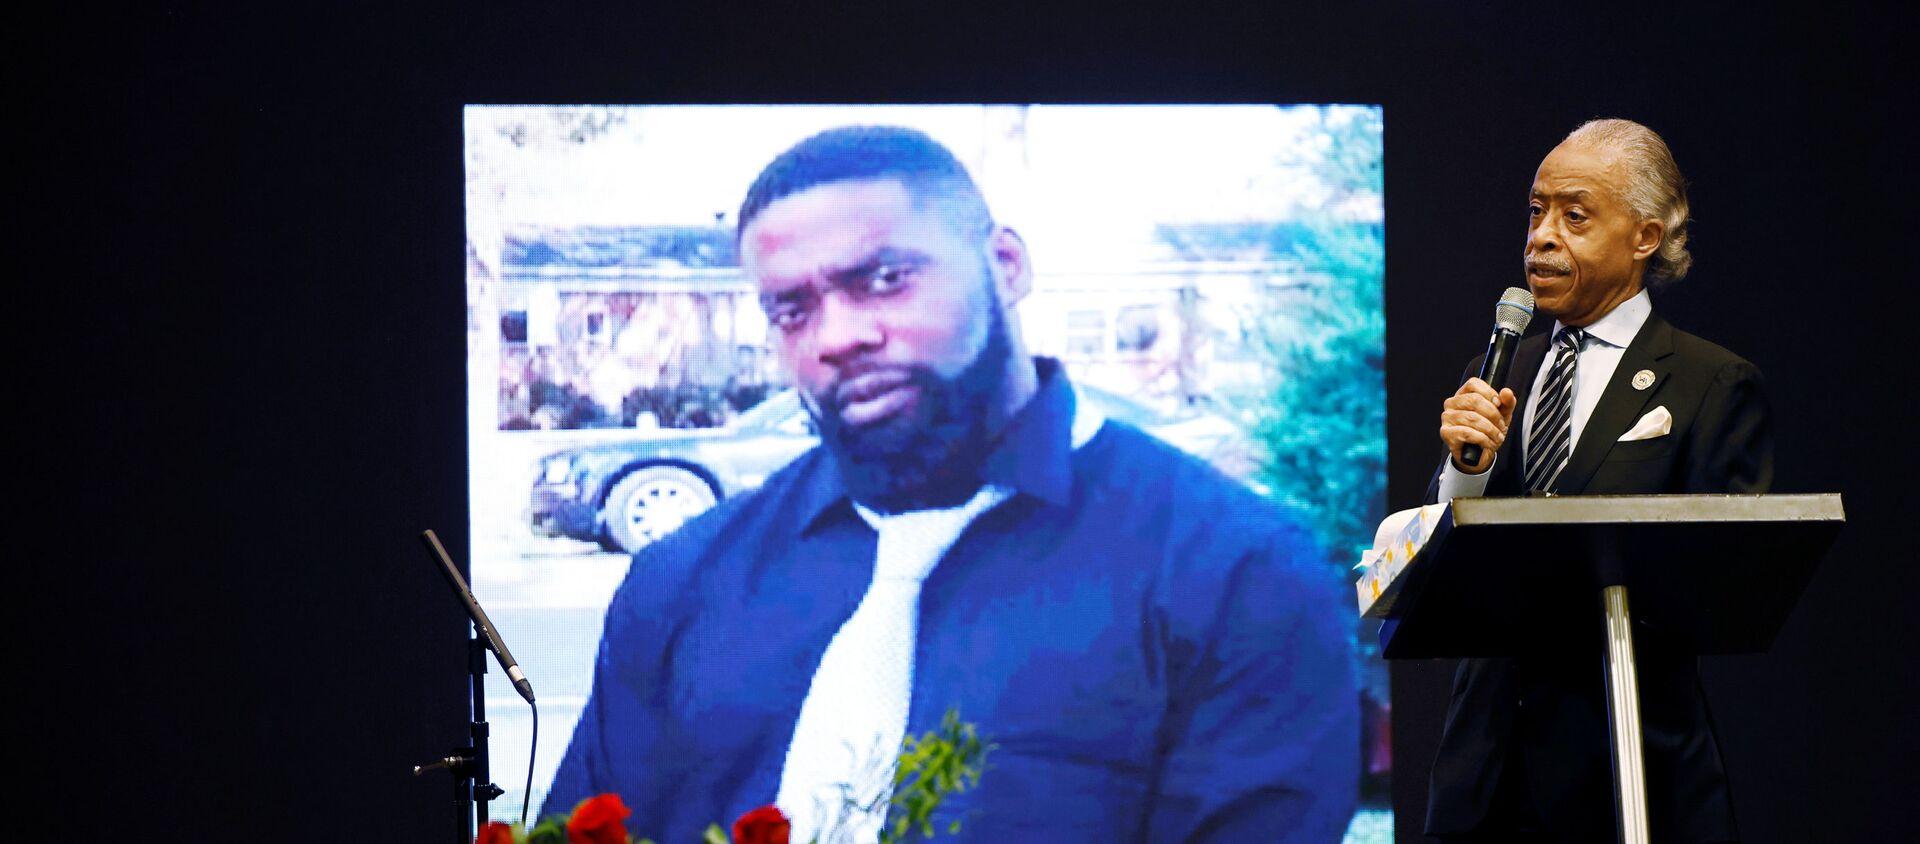 ABD'nin Kuzey Karolina eyaletinde polis tarafından vurularak öldürülen siyah Andrew Brown'ın cenaze töreni - Sputnik Türkiye, 1920, 19.05.2021